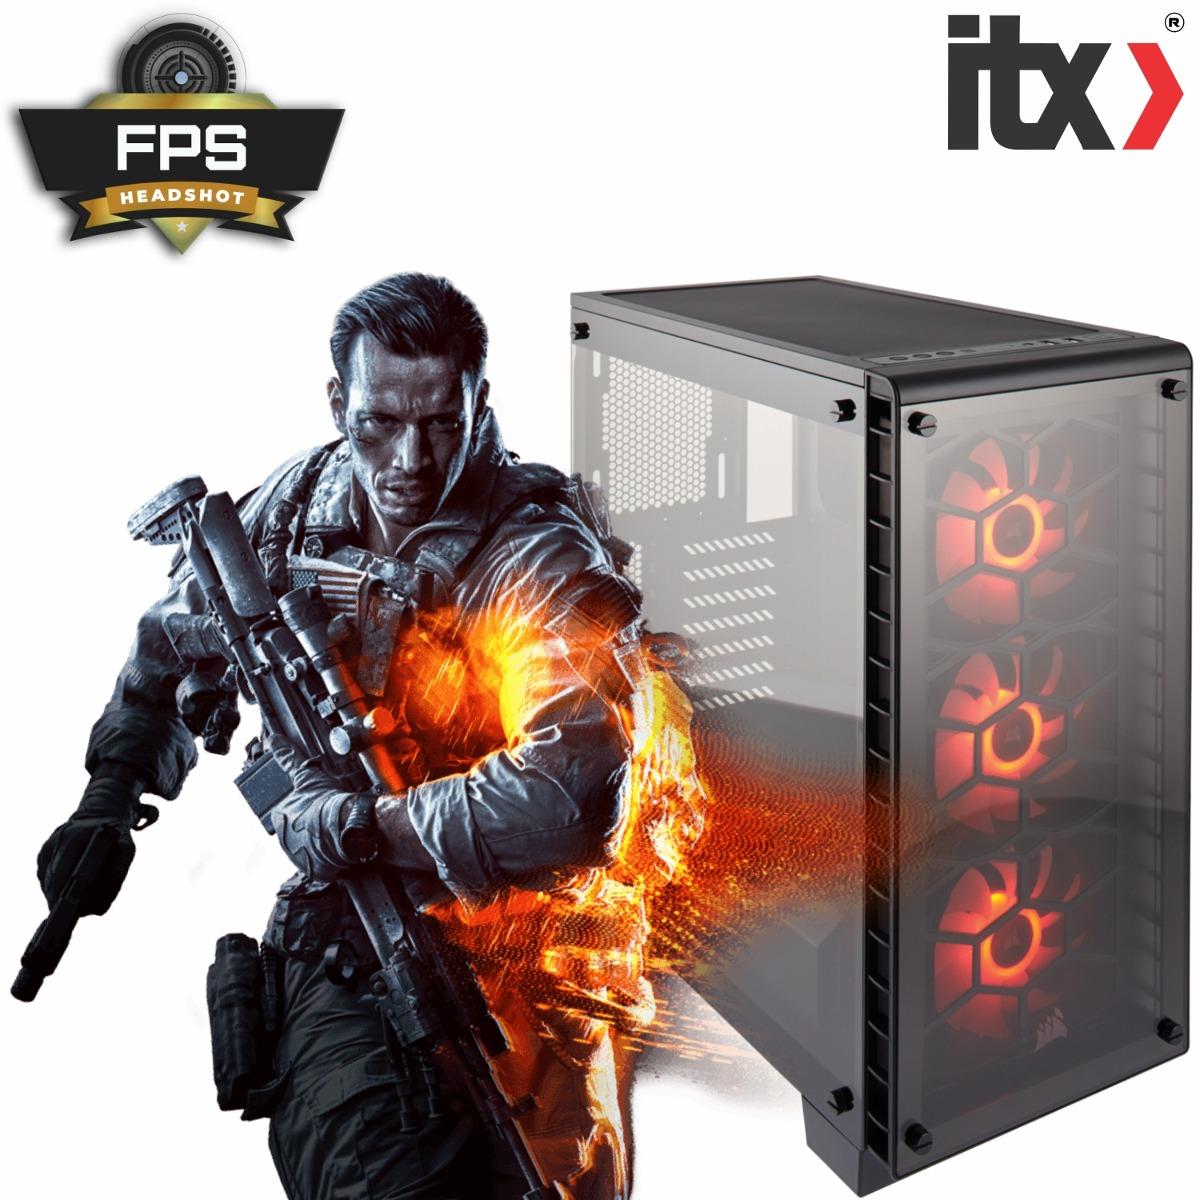 Pc Gamer Fps Headshot I7 7700 Gtx1060 6gb 16gb 1tb+optane